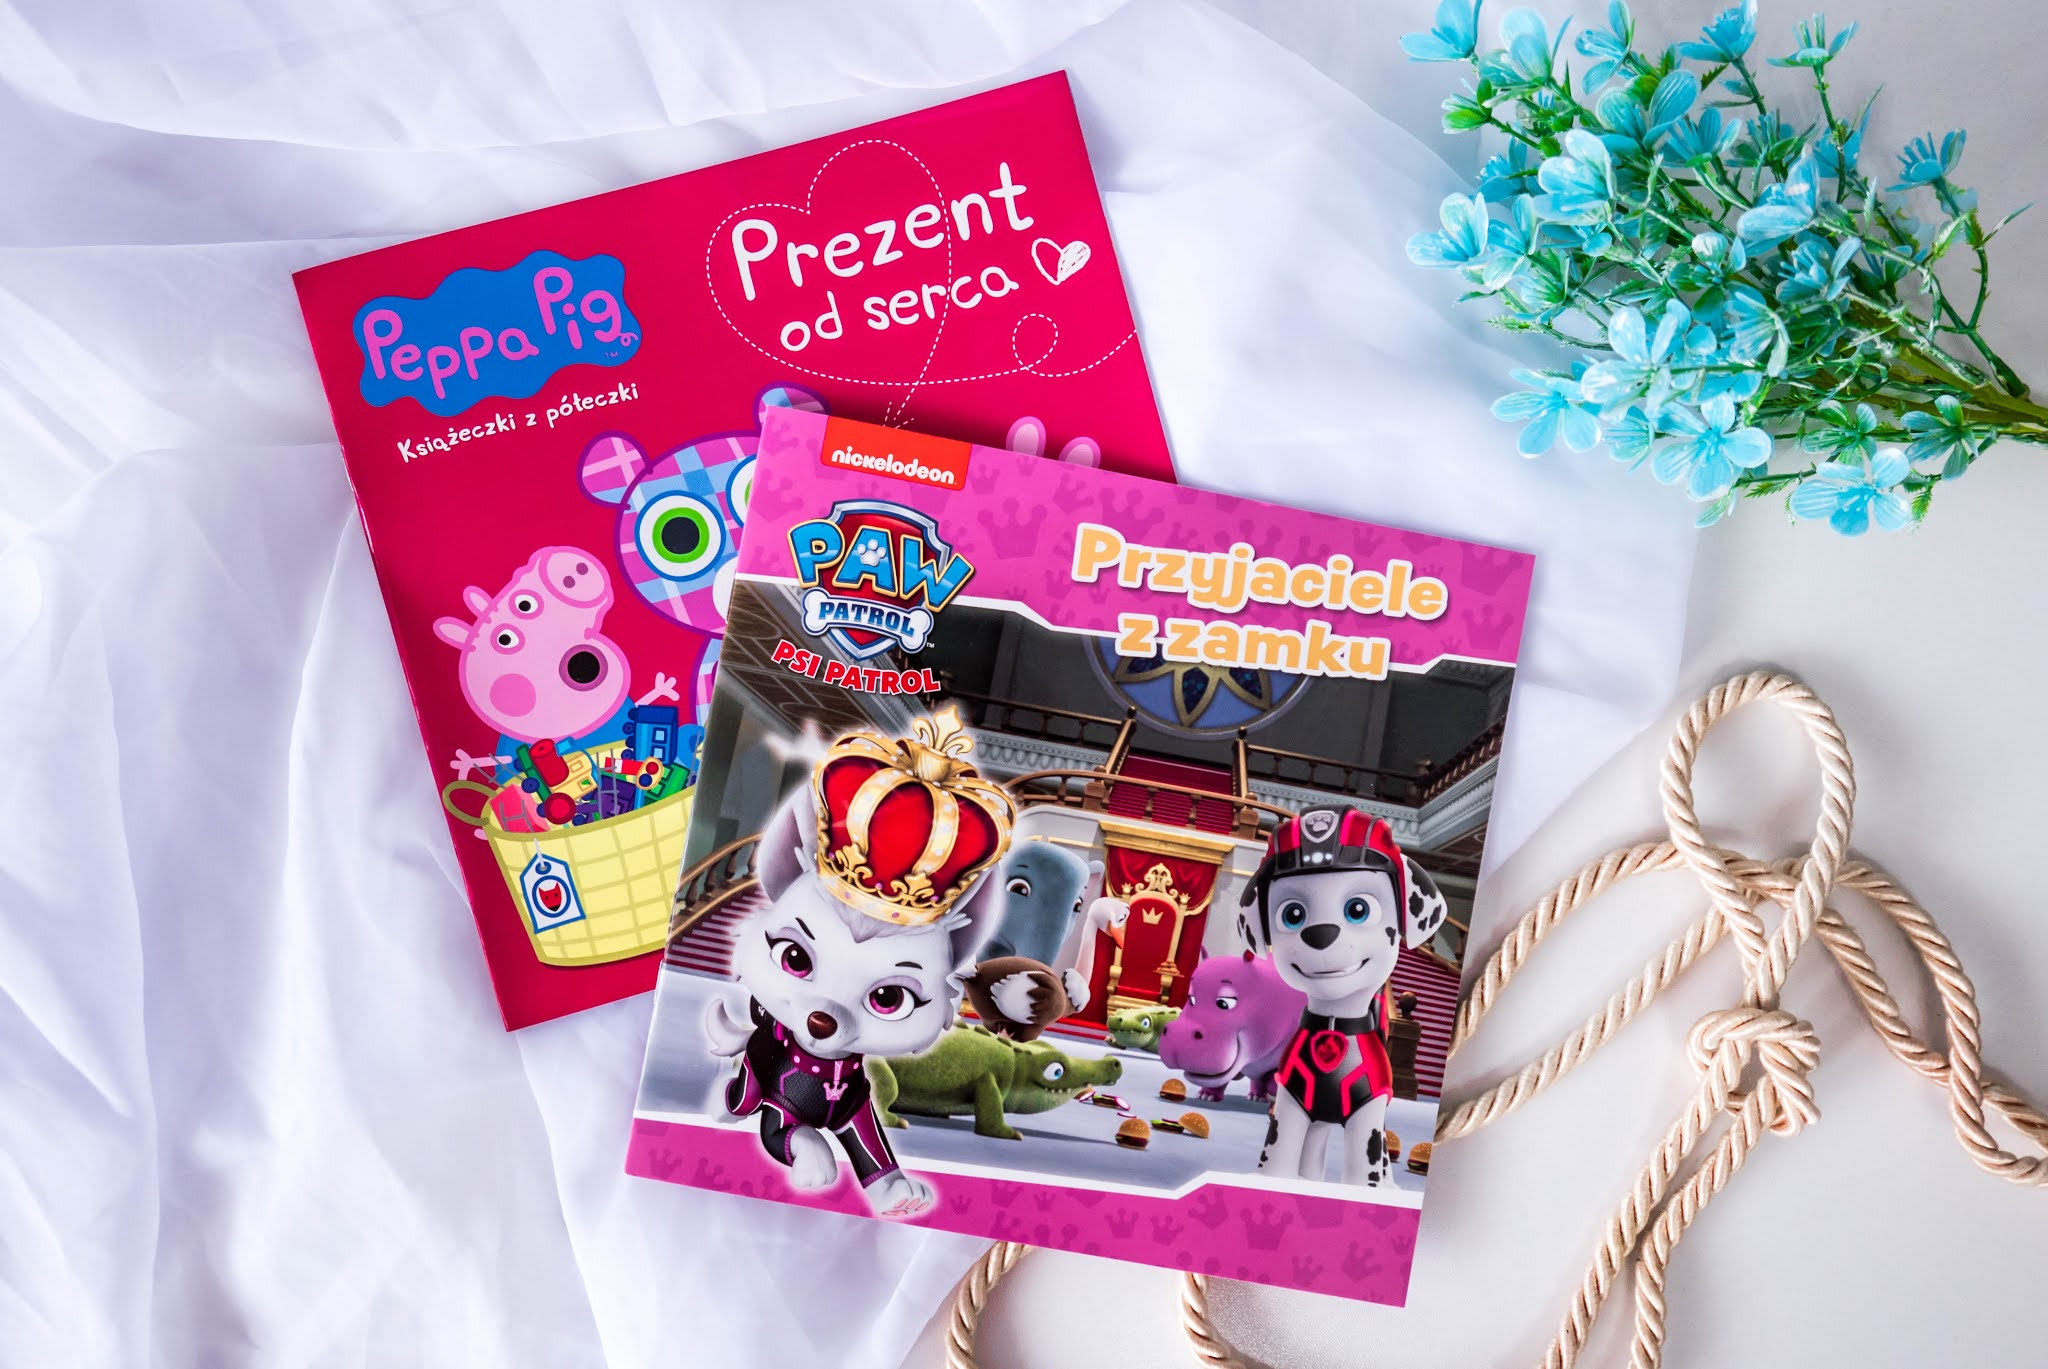 Nowości wydawnicze dla dzieci do czytania i zabawy od wydawnictwa Media Service Zawada | 44 Koty, Shimmer & Shine, Peppa Świnka, Psi Patrol, L.O.L. Surprise!